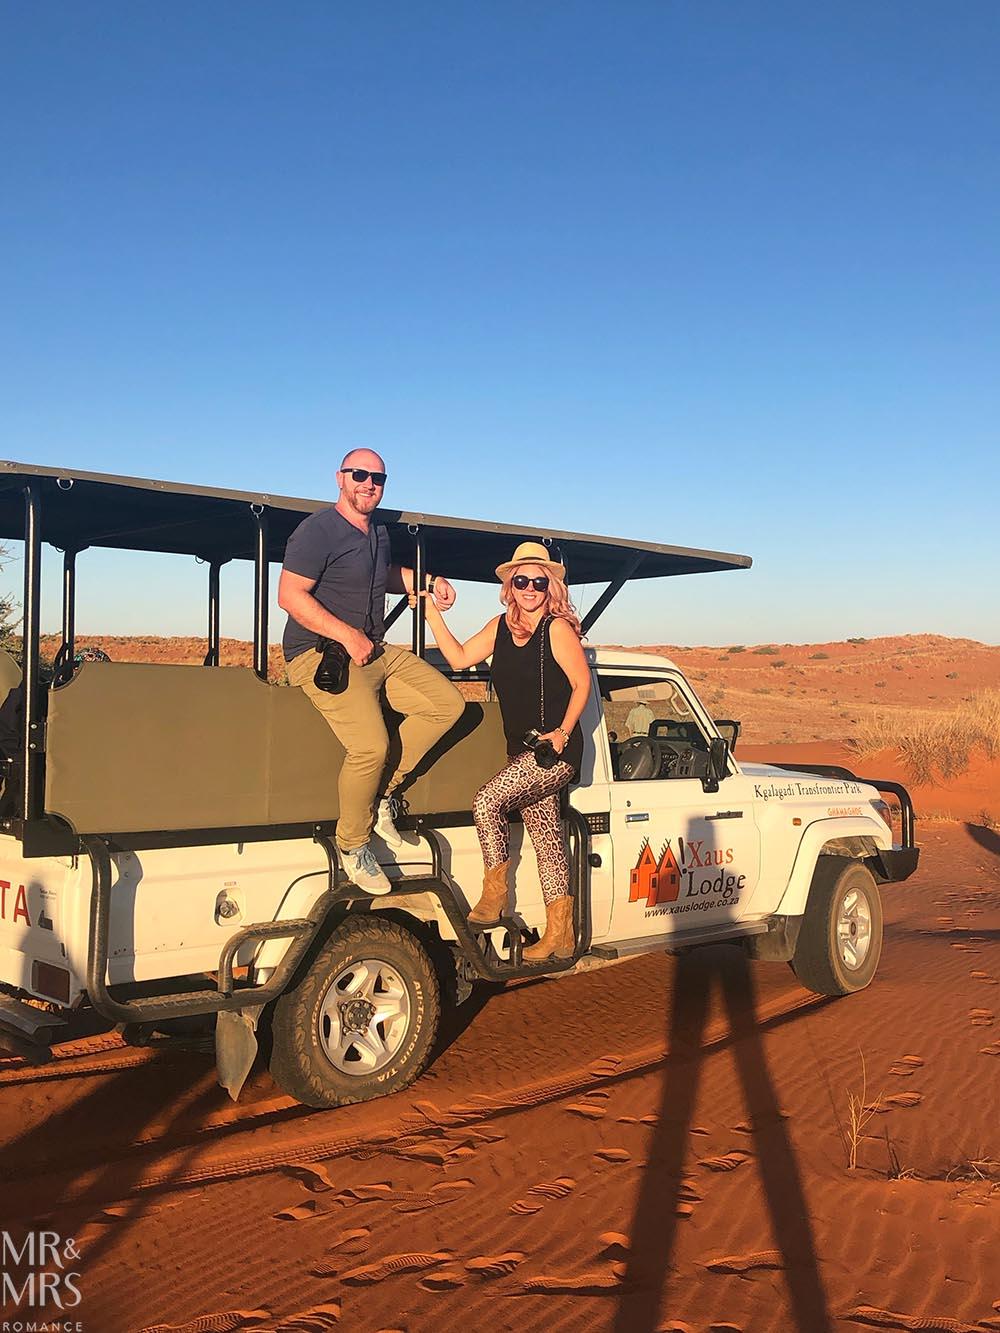 South Africa Tourism - sunset in the Kalahari